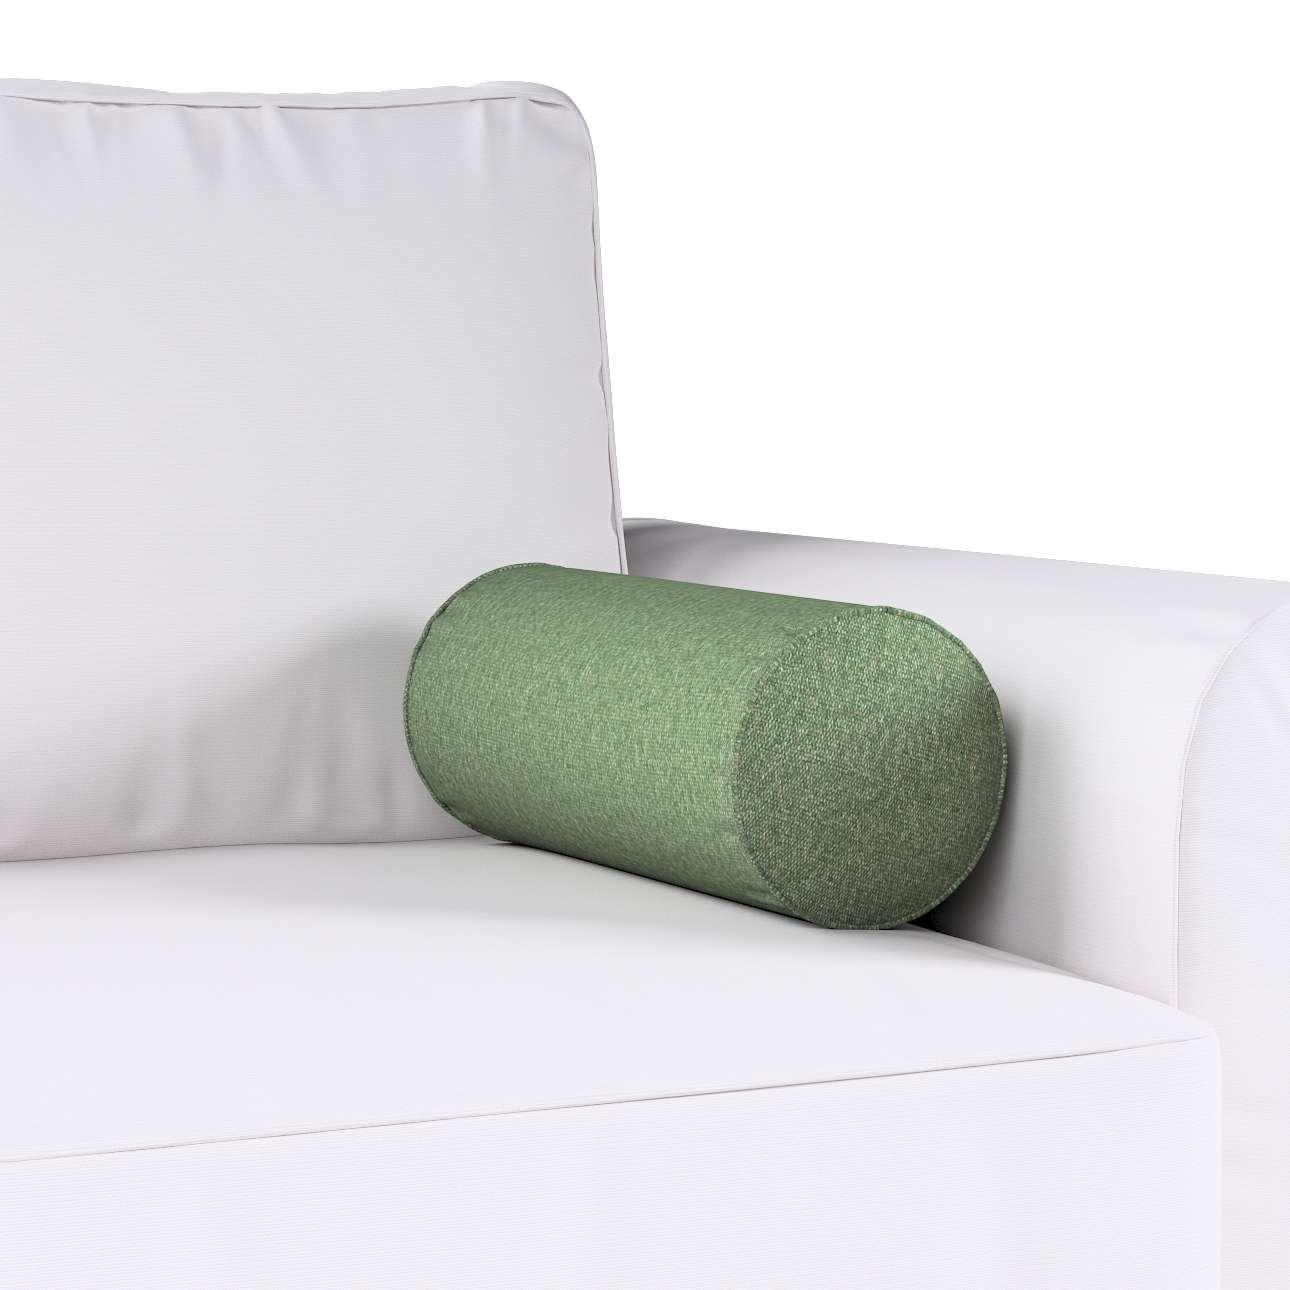 Poduszka wałek prosty w kolekcji Amsterdam, tkanina: 704-44